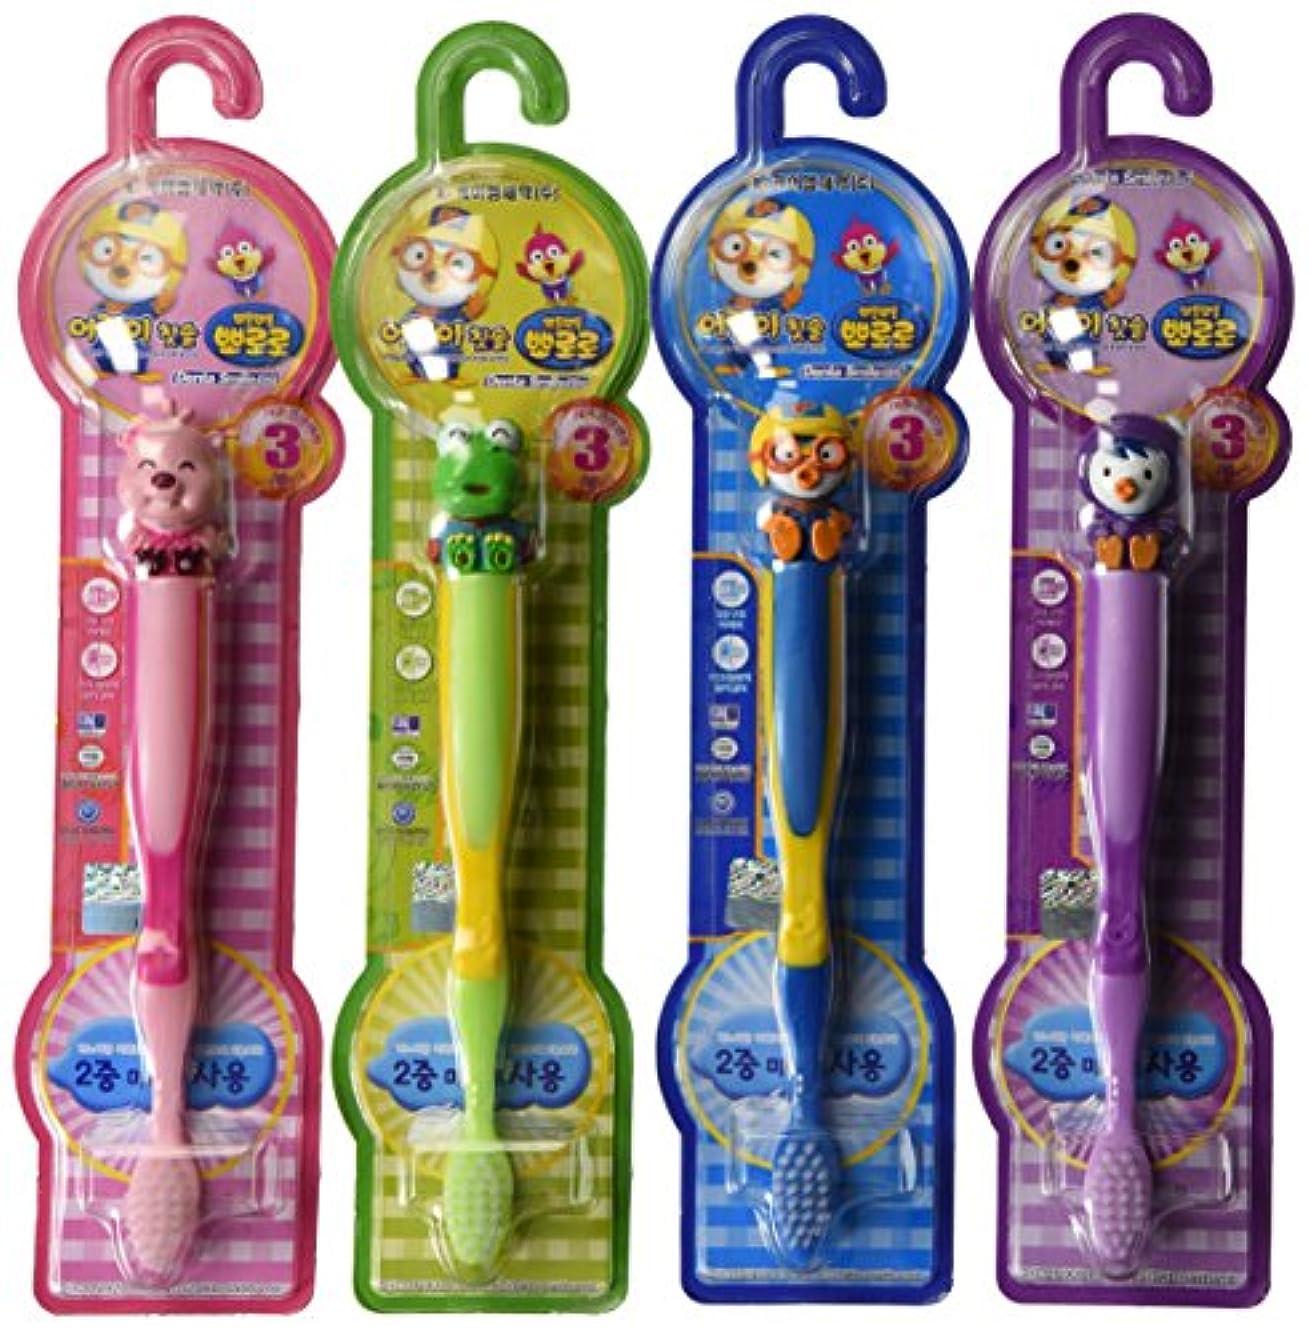 細菌ステートメント摂動Pororo Kids Children Toothbrush Toothpaste (4units) by TheJD [並行輸入品]